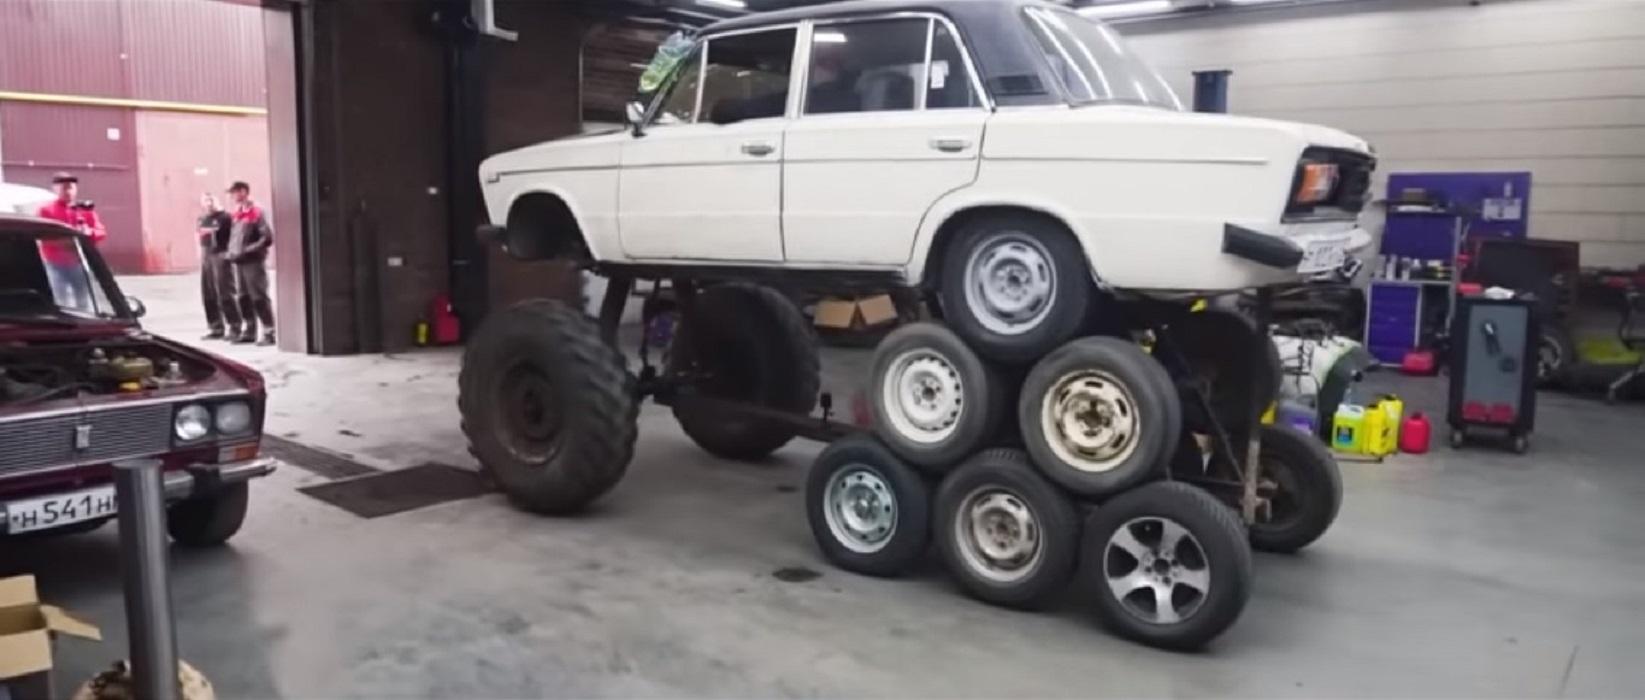 lada 14 rodas